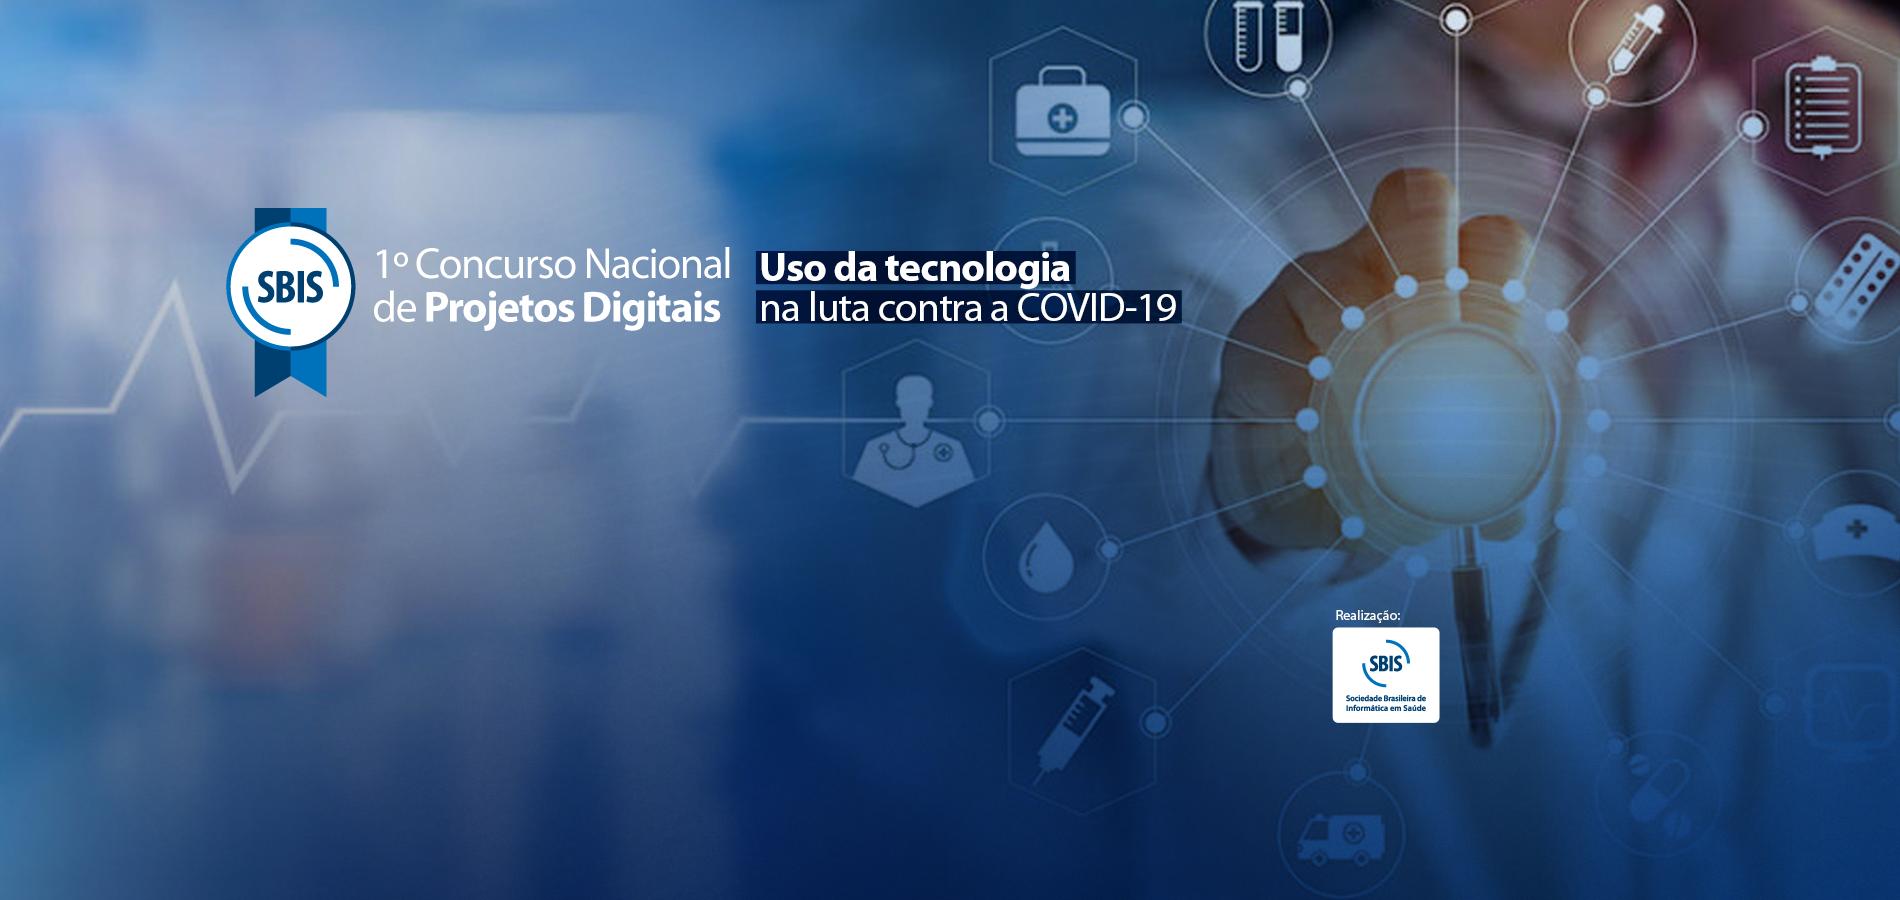 Concurso seleciona projetos digitais para combater a COVID-19